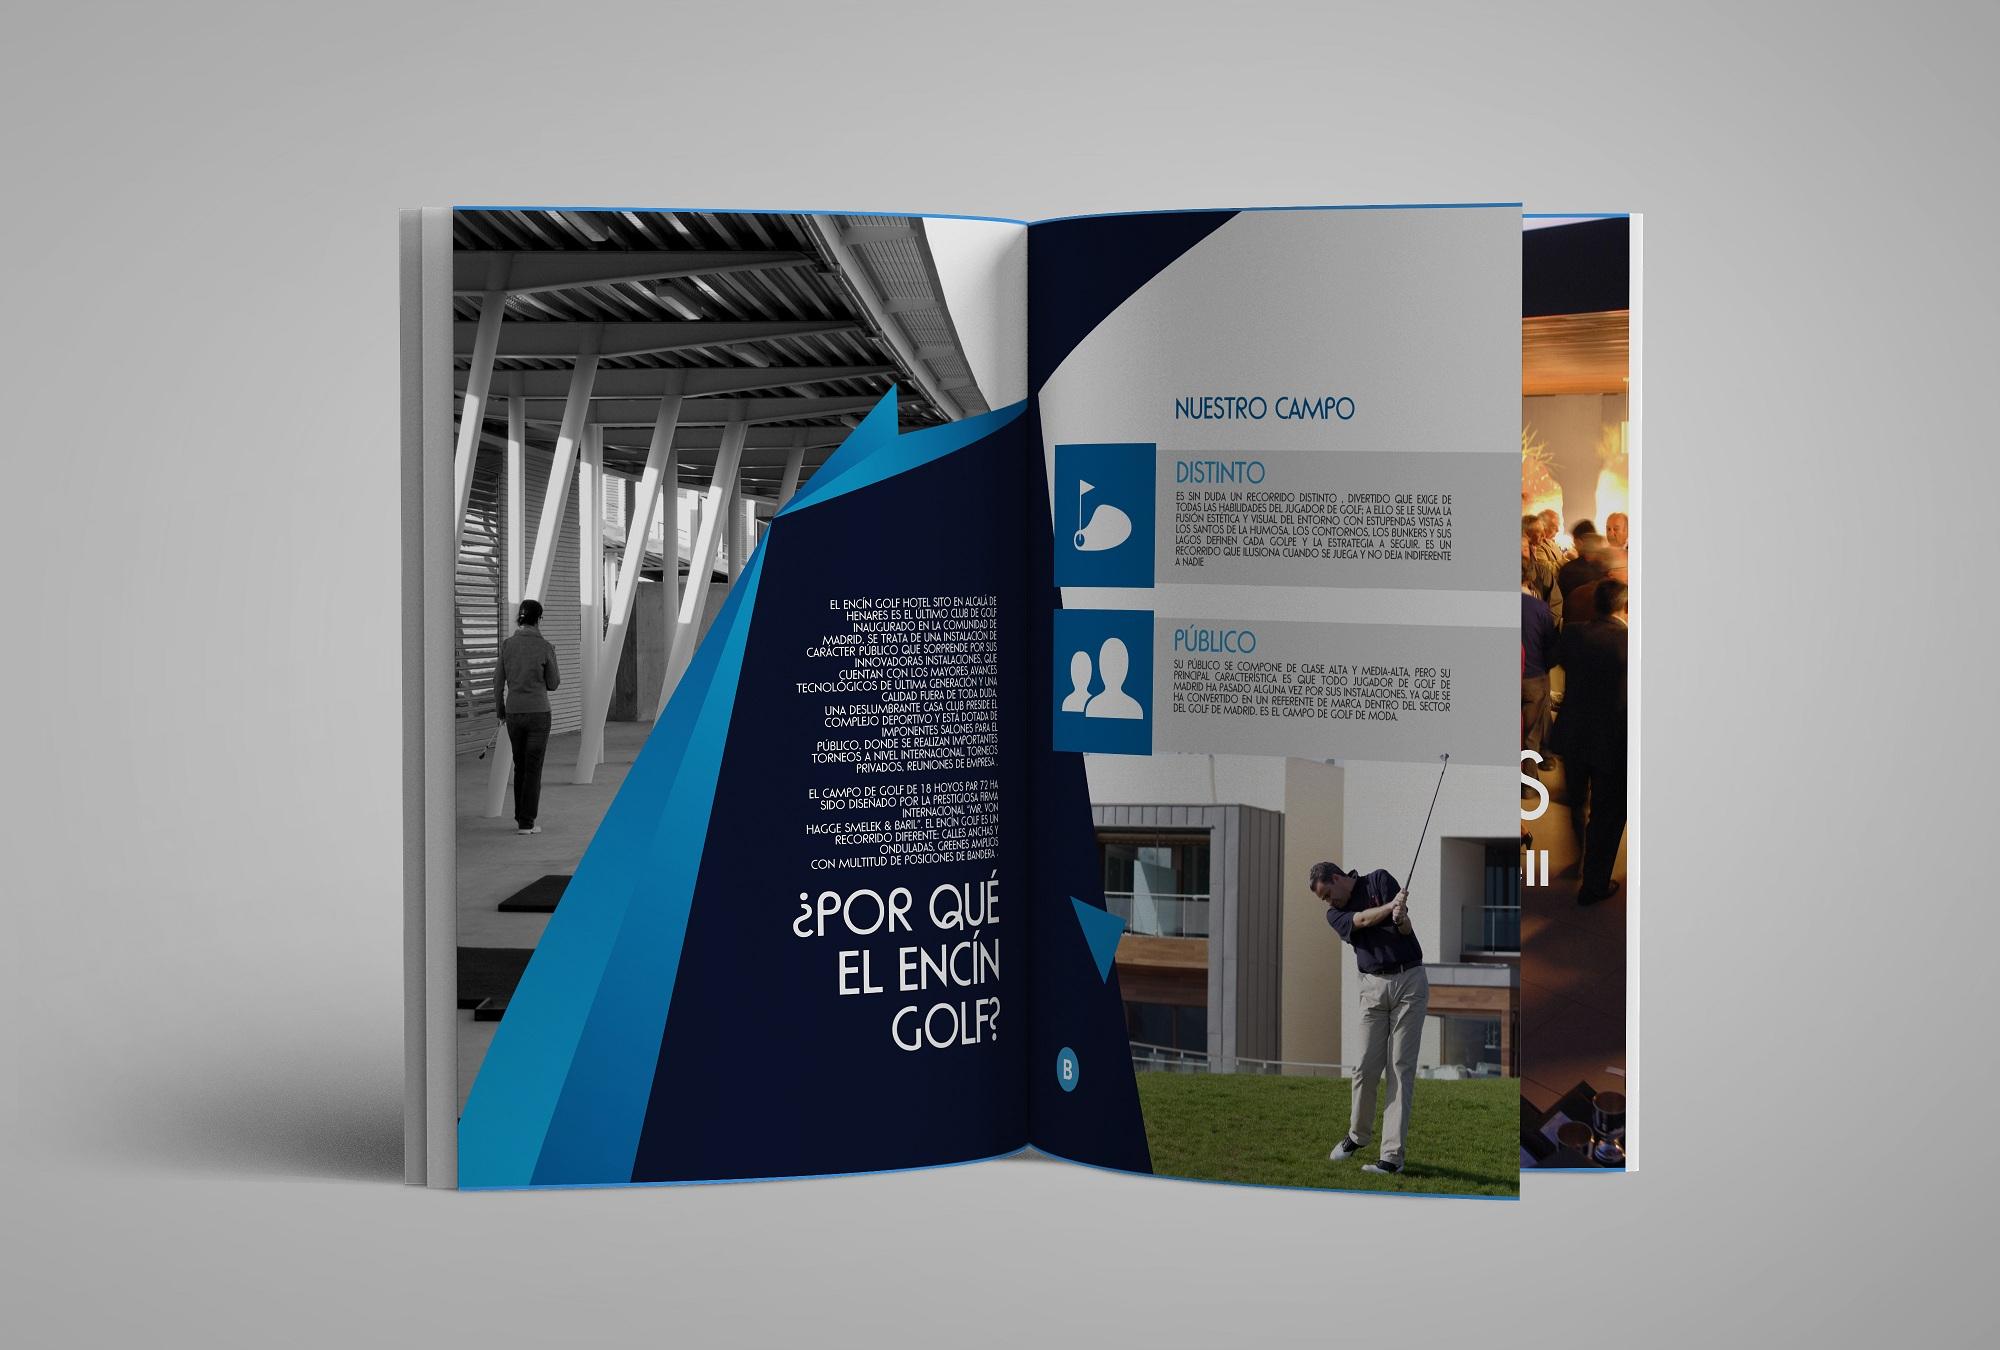 Anuario Banc Sabadell